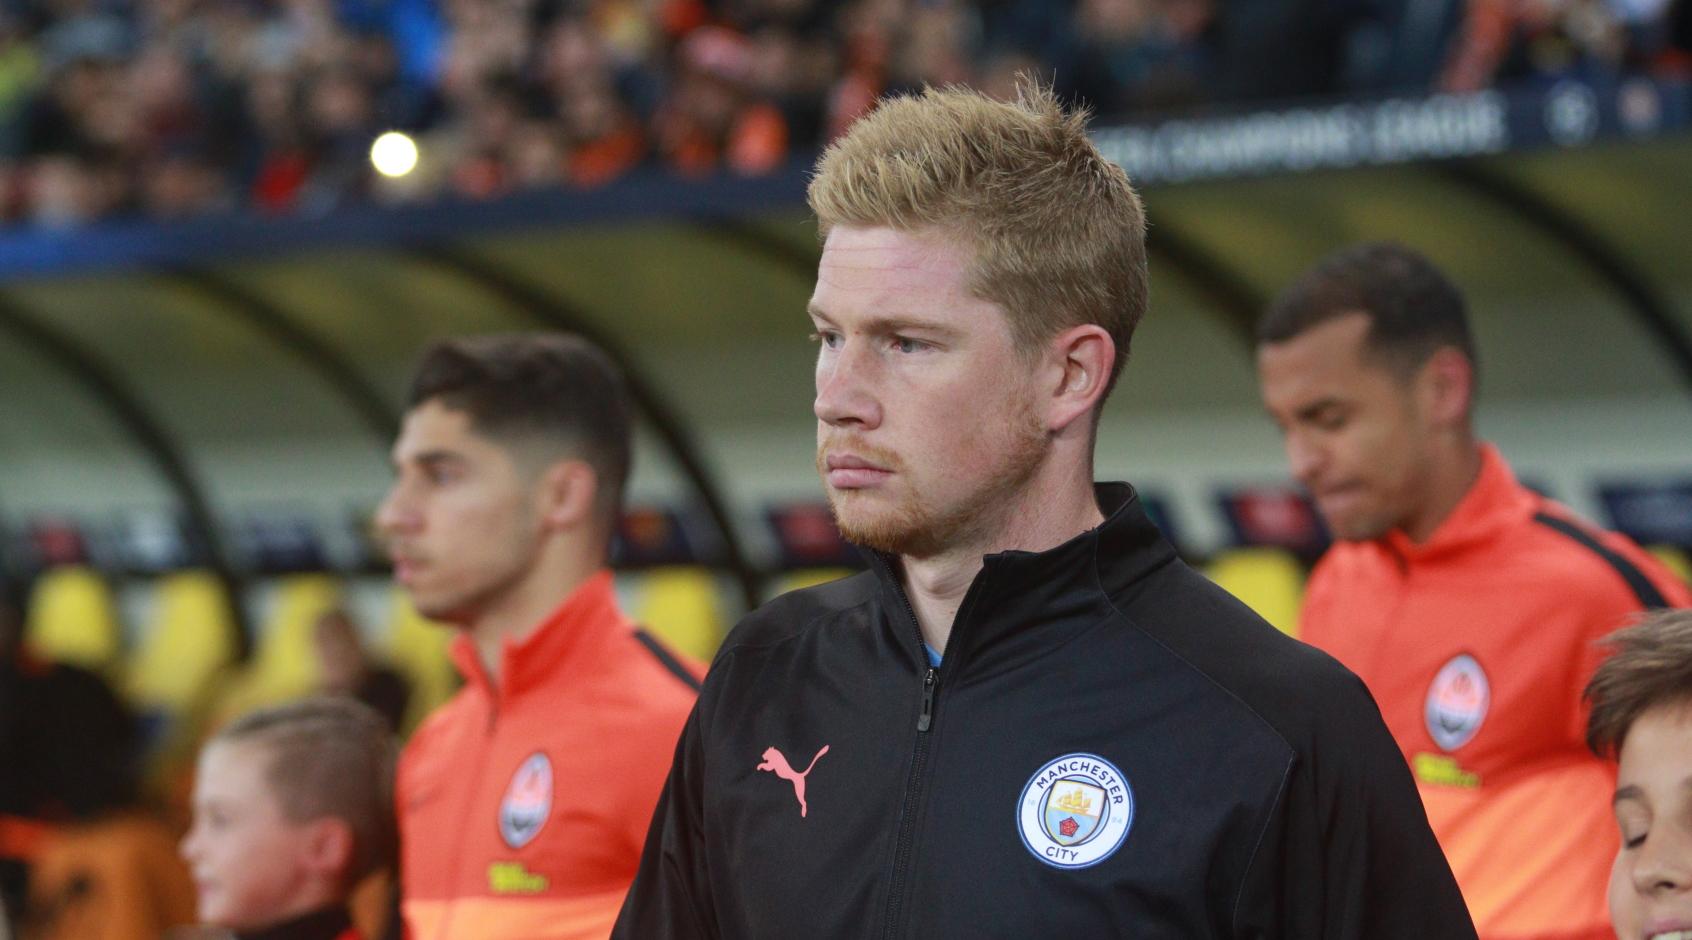 """Де Брюйне планирует остаться в """"Манчестер Сити"""", даже если CAS исключит команду из еврокубков"""